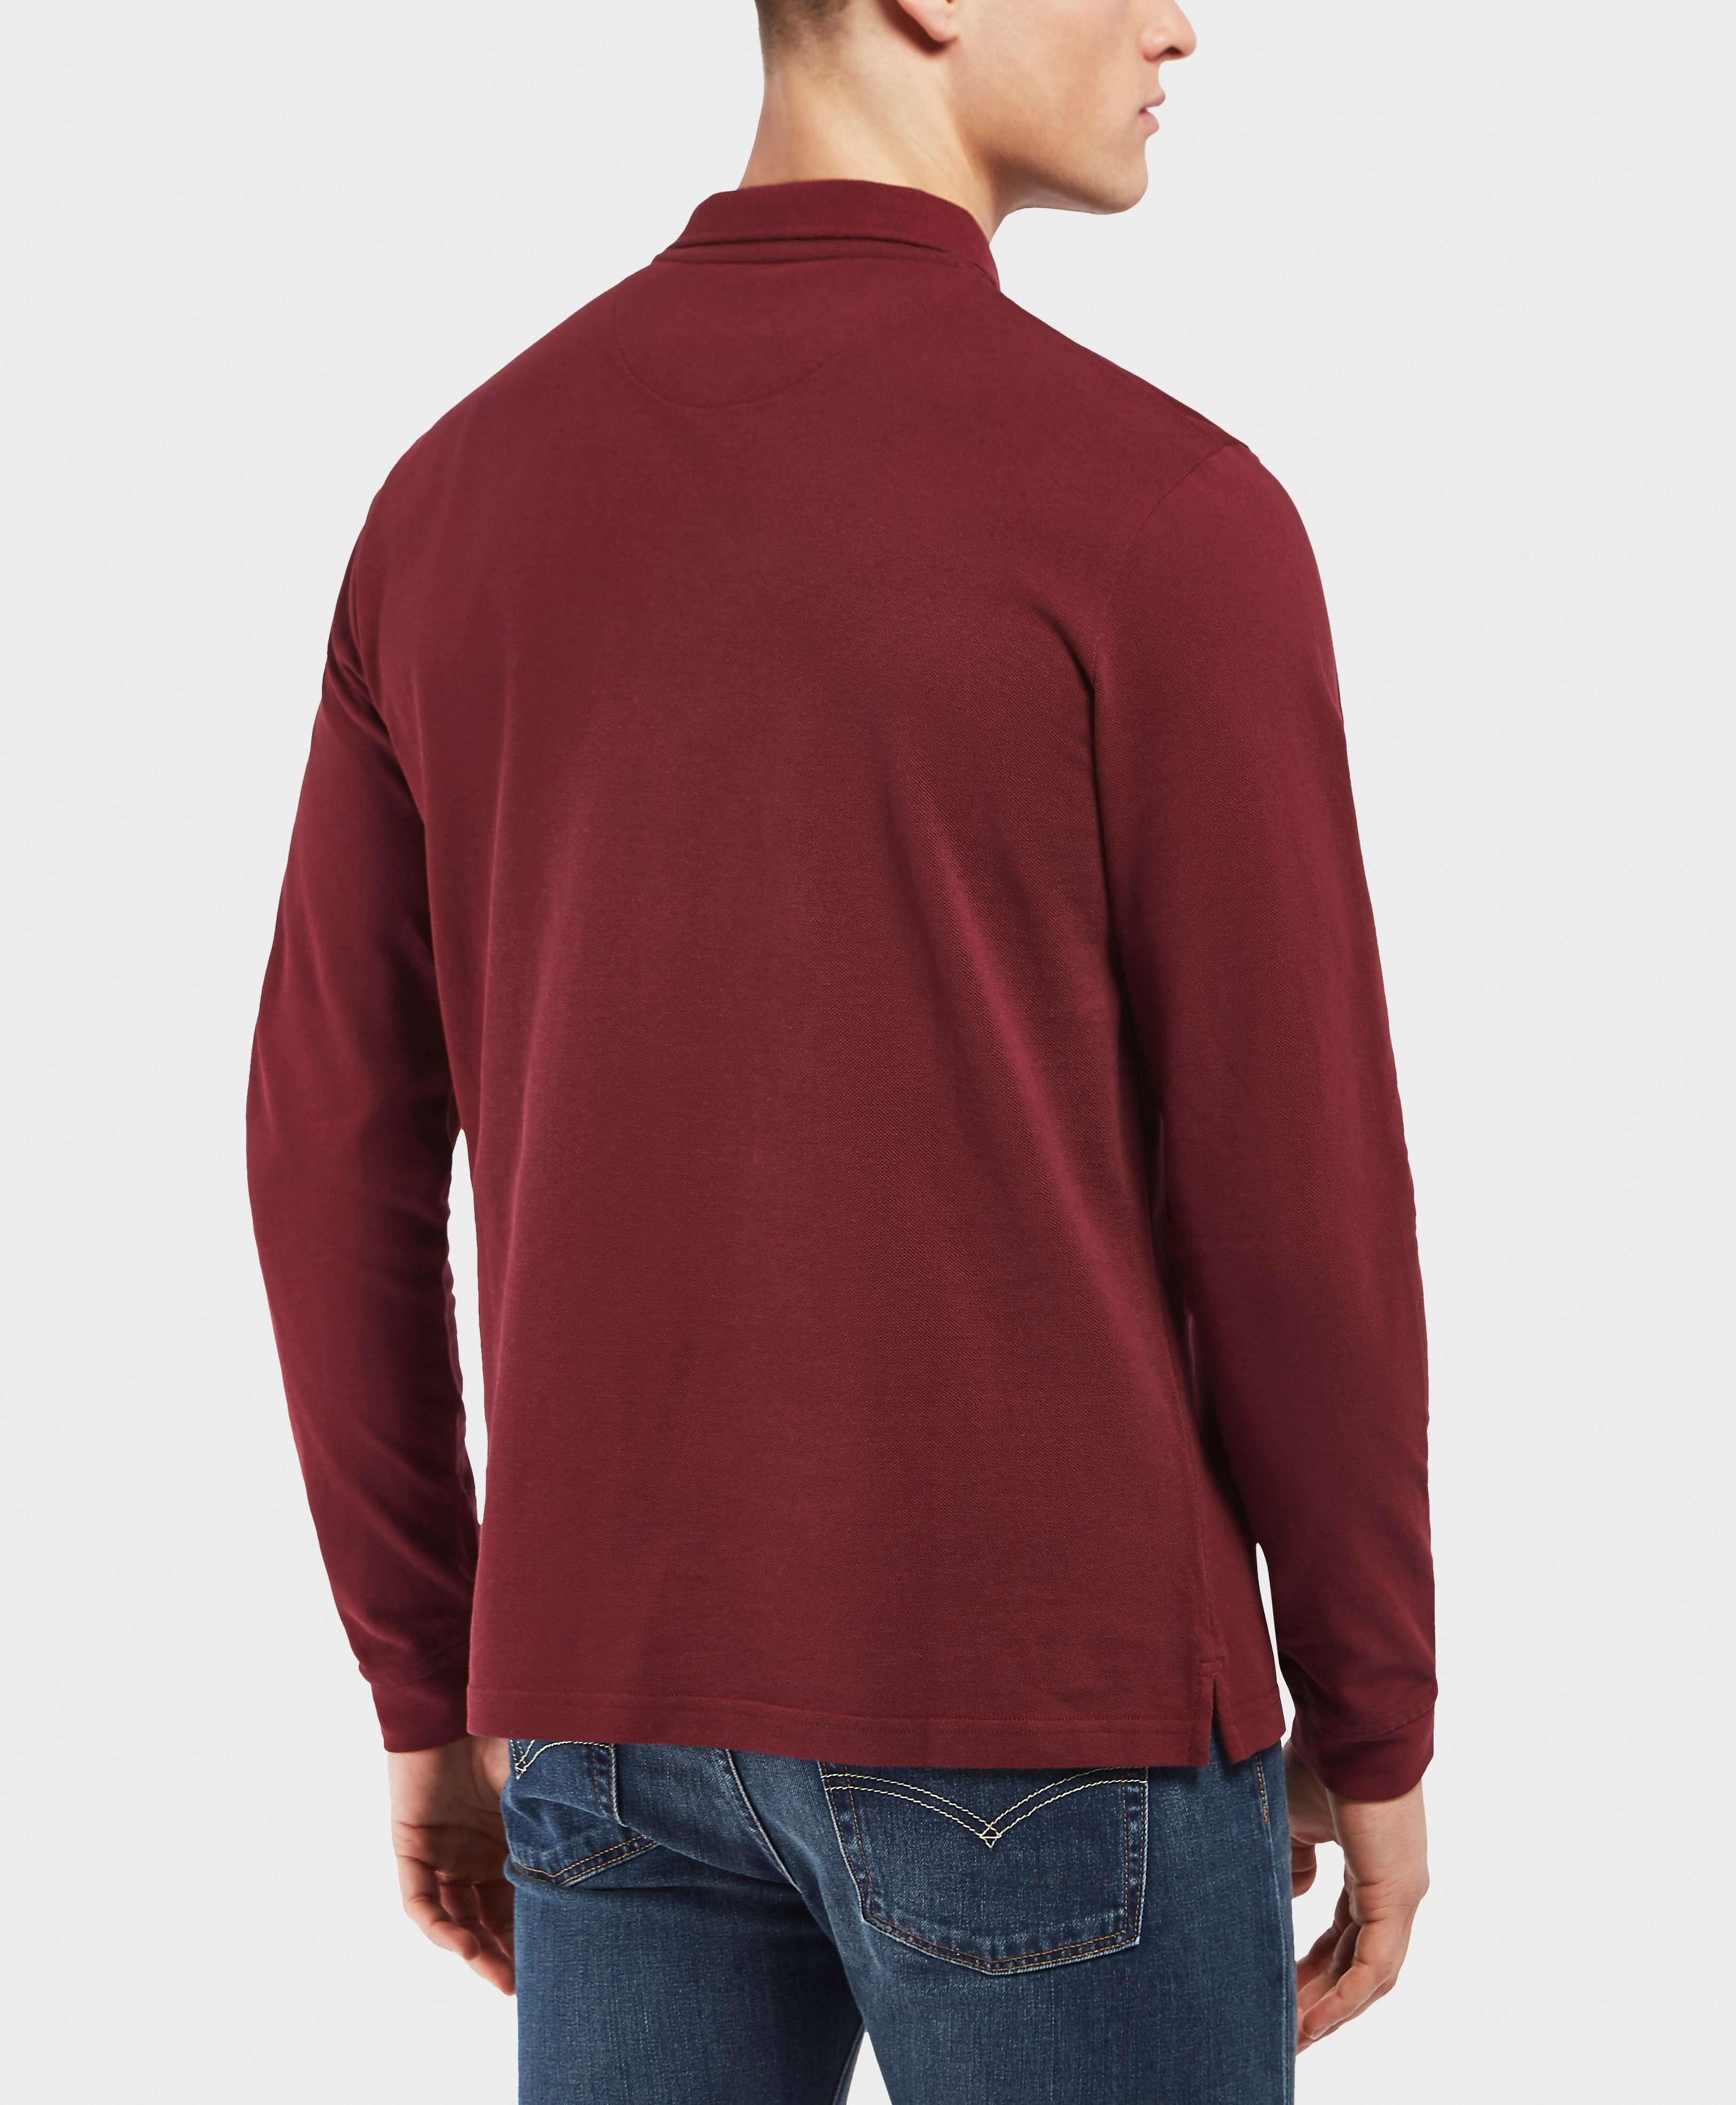 Lyle & Scott Basic Long Sleeve Polo Shirt